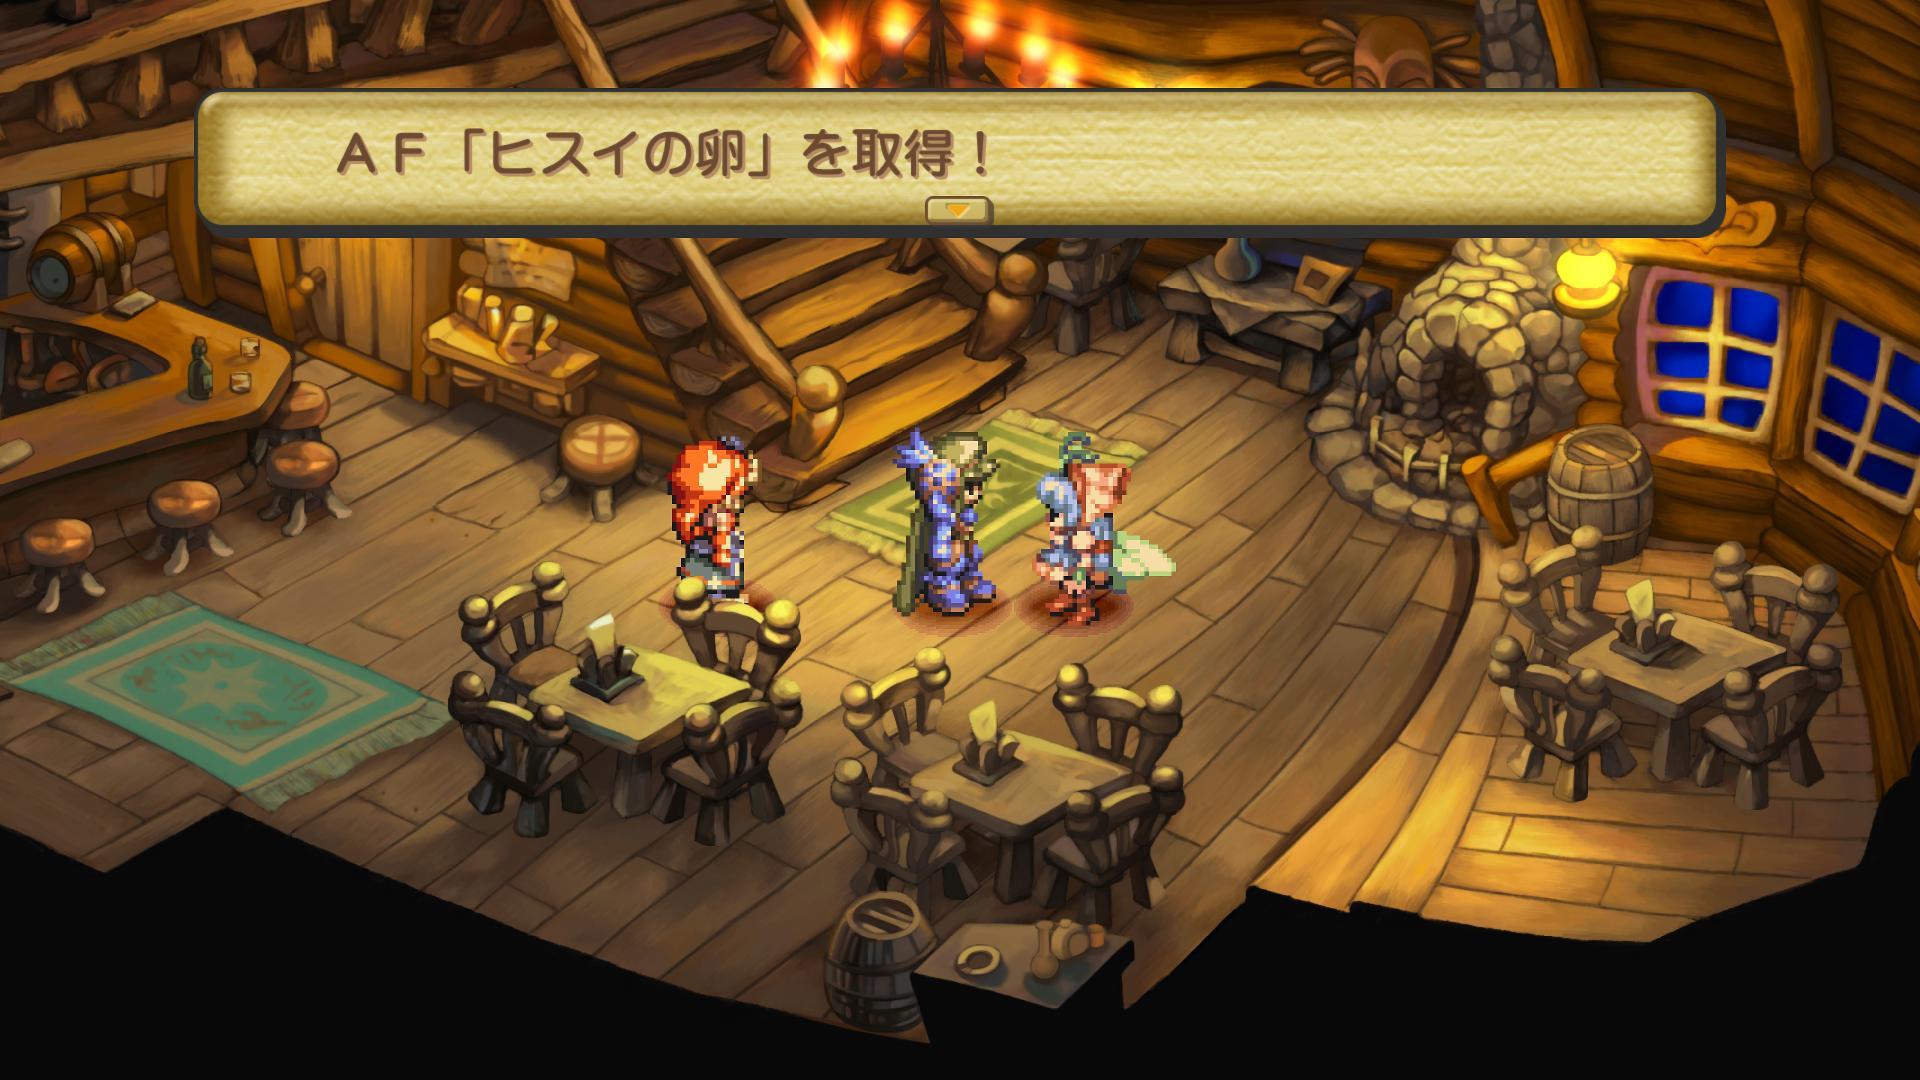 Legend-of-Mana-Remaster-7.jpg?ssl=1